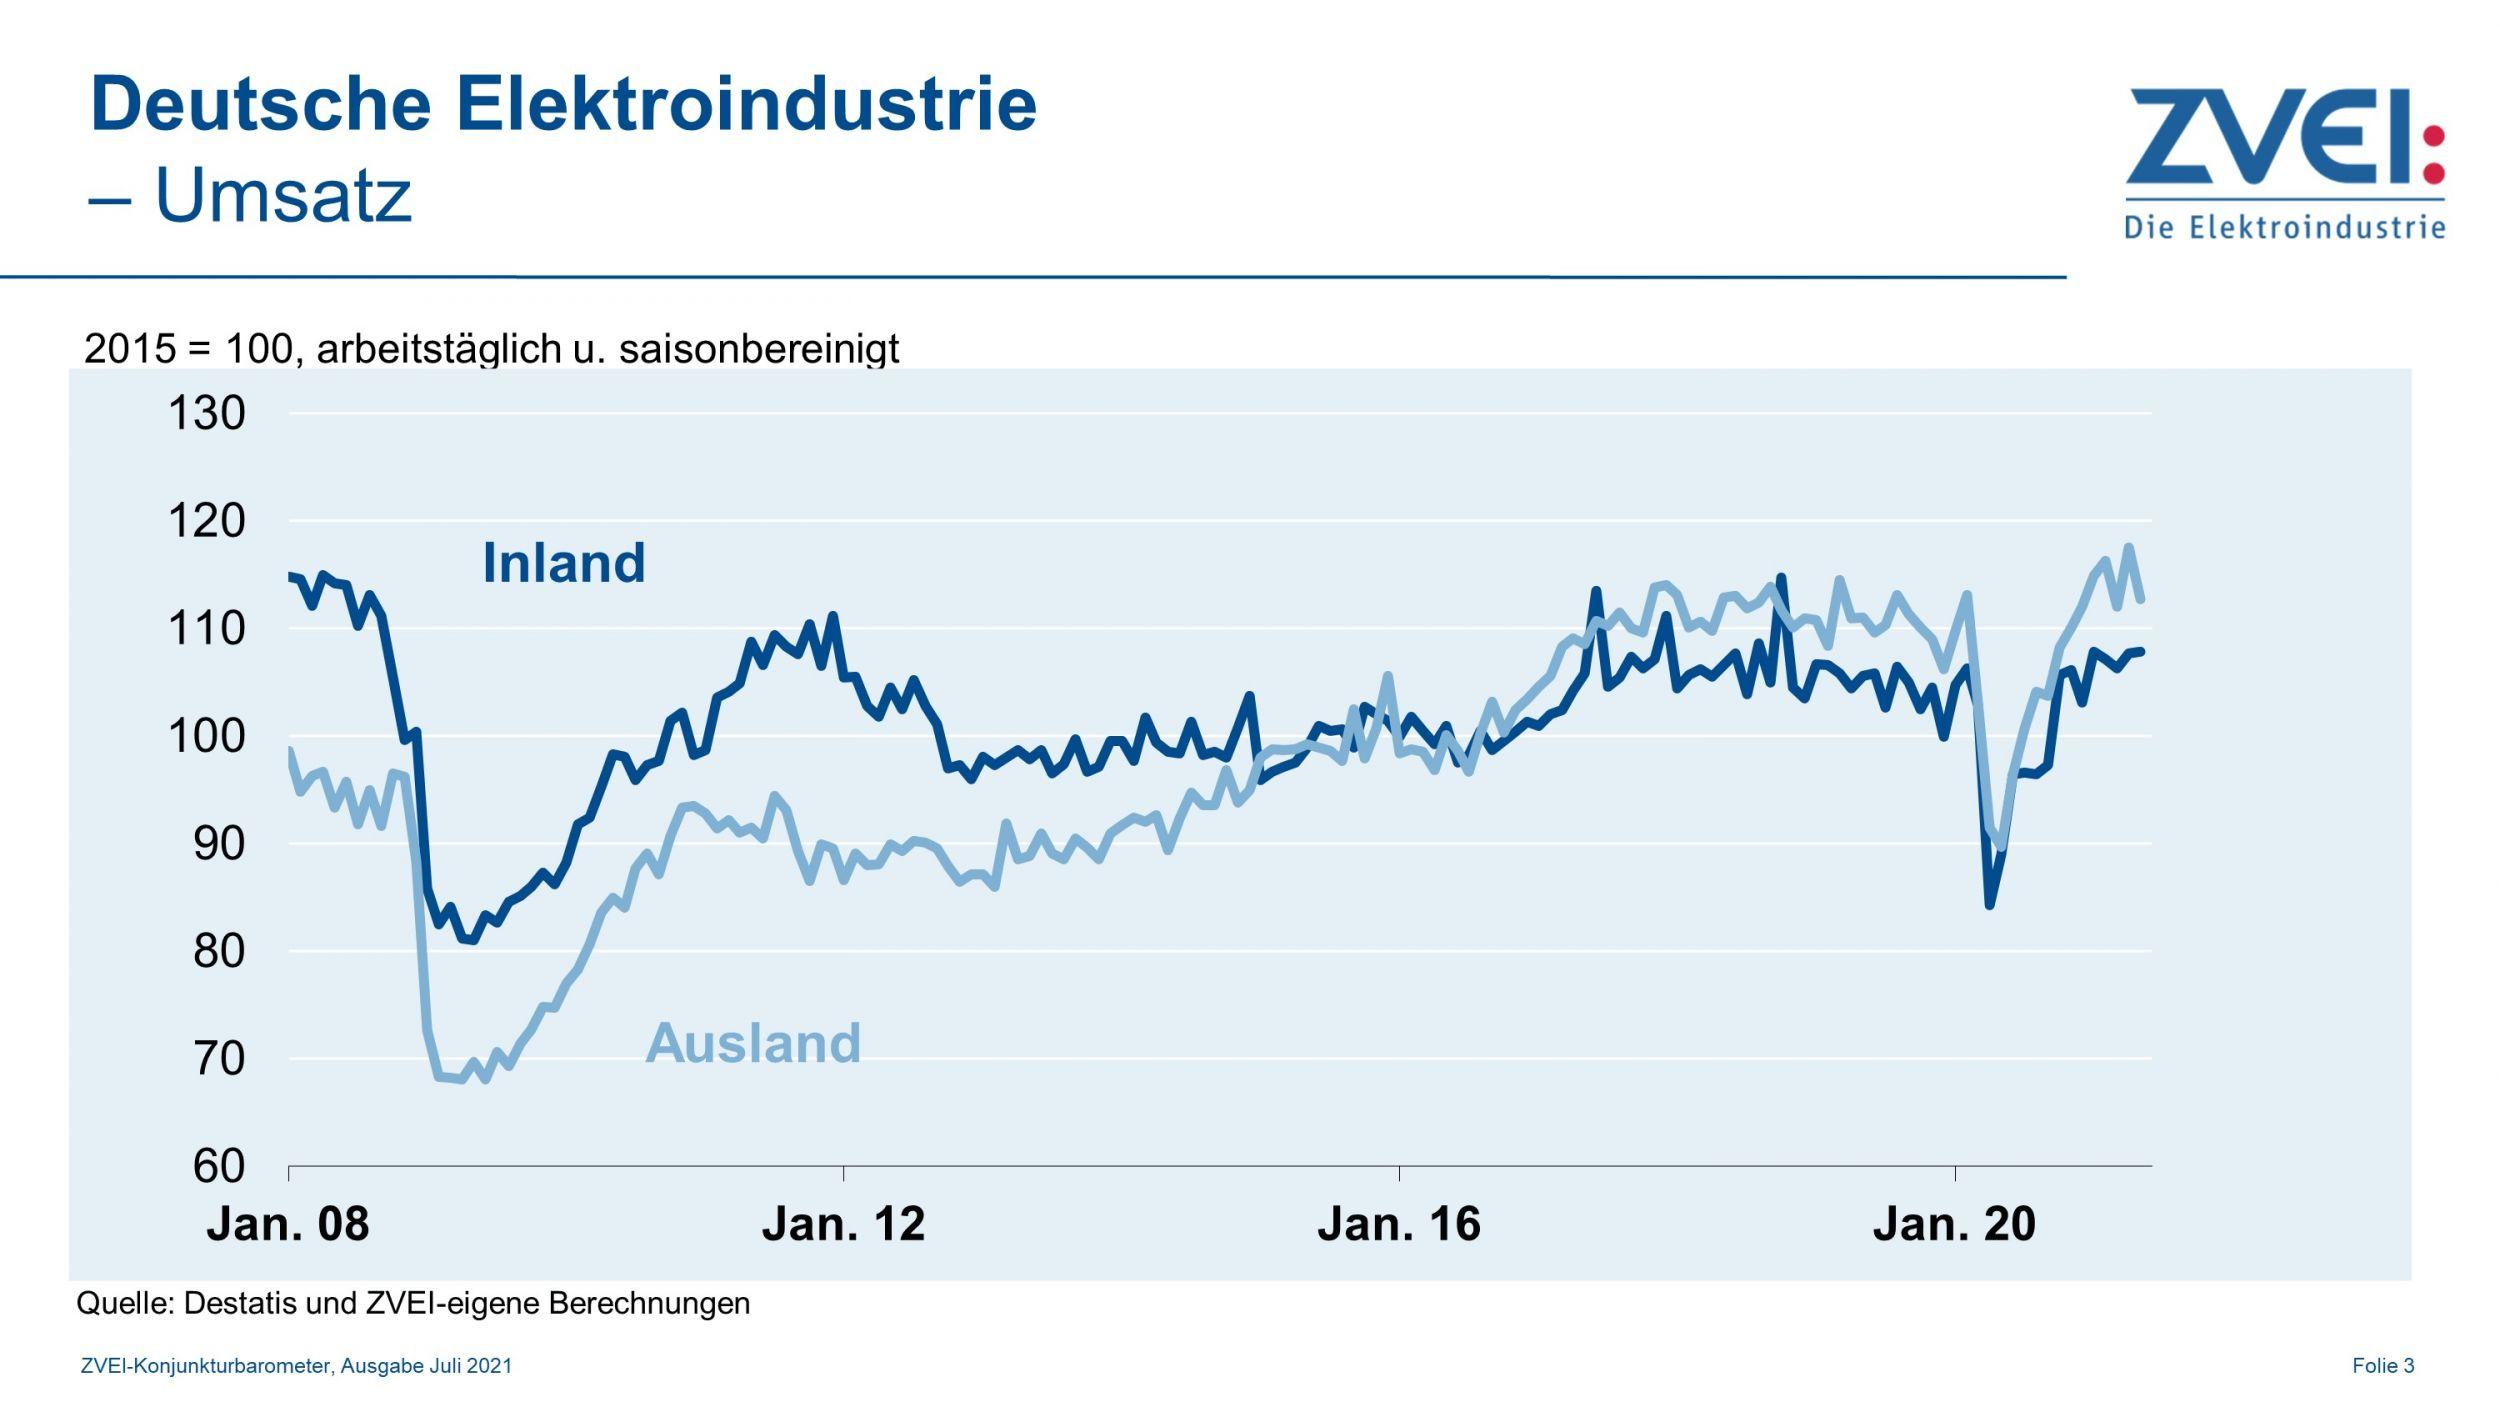 Umsatz in der deutschen Elektroindustrie im Mai 2021